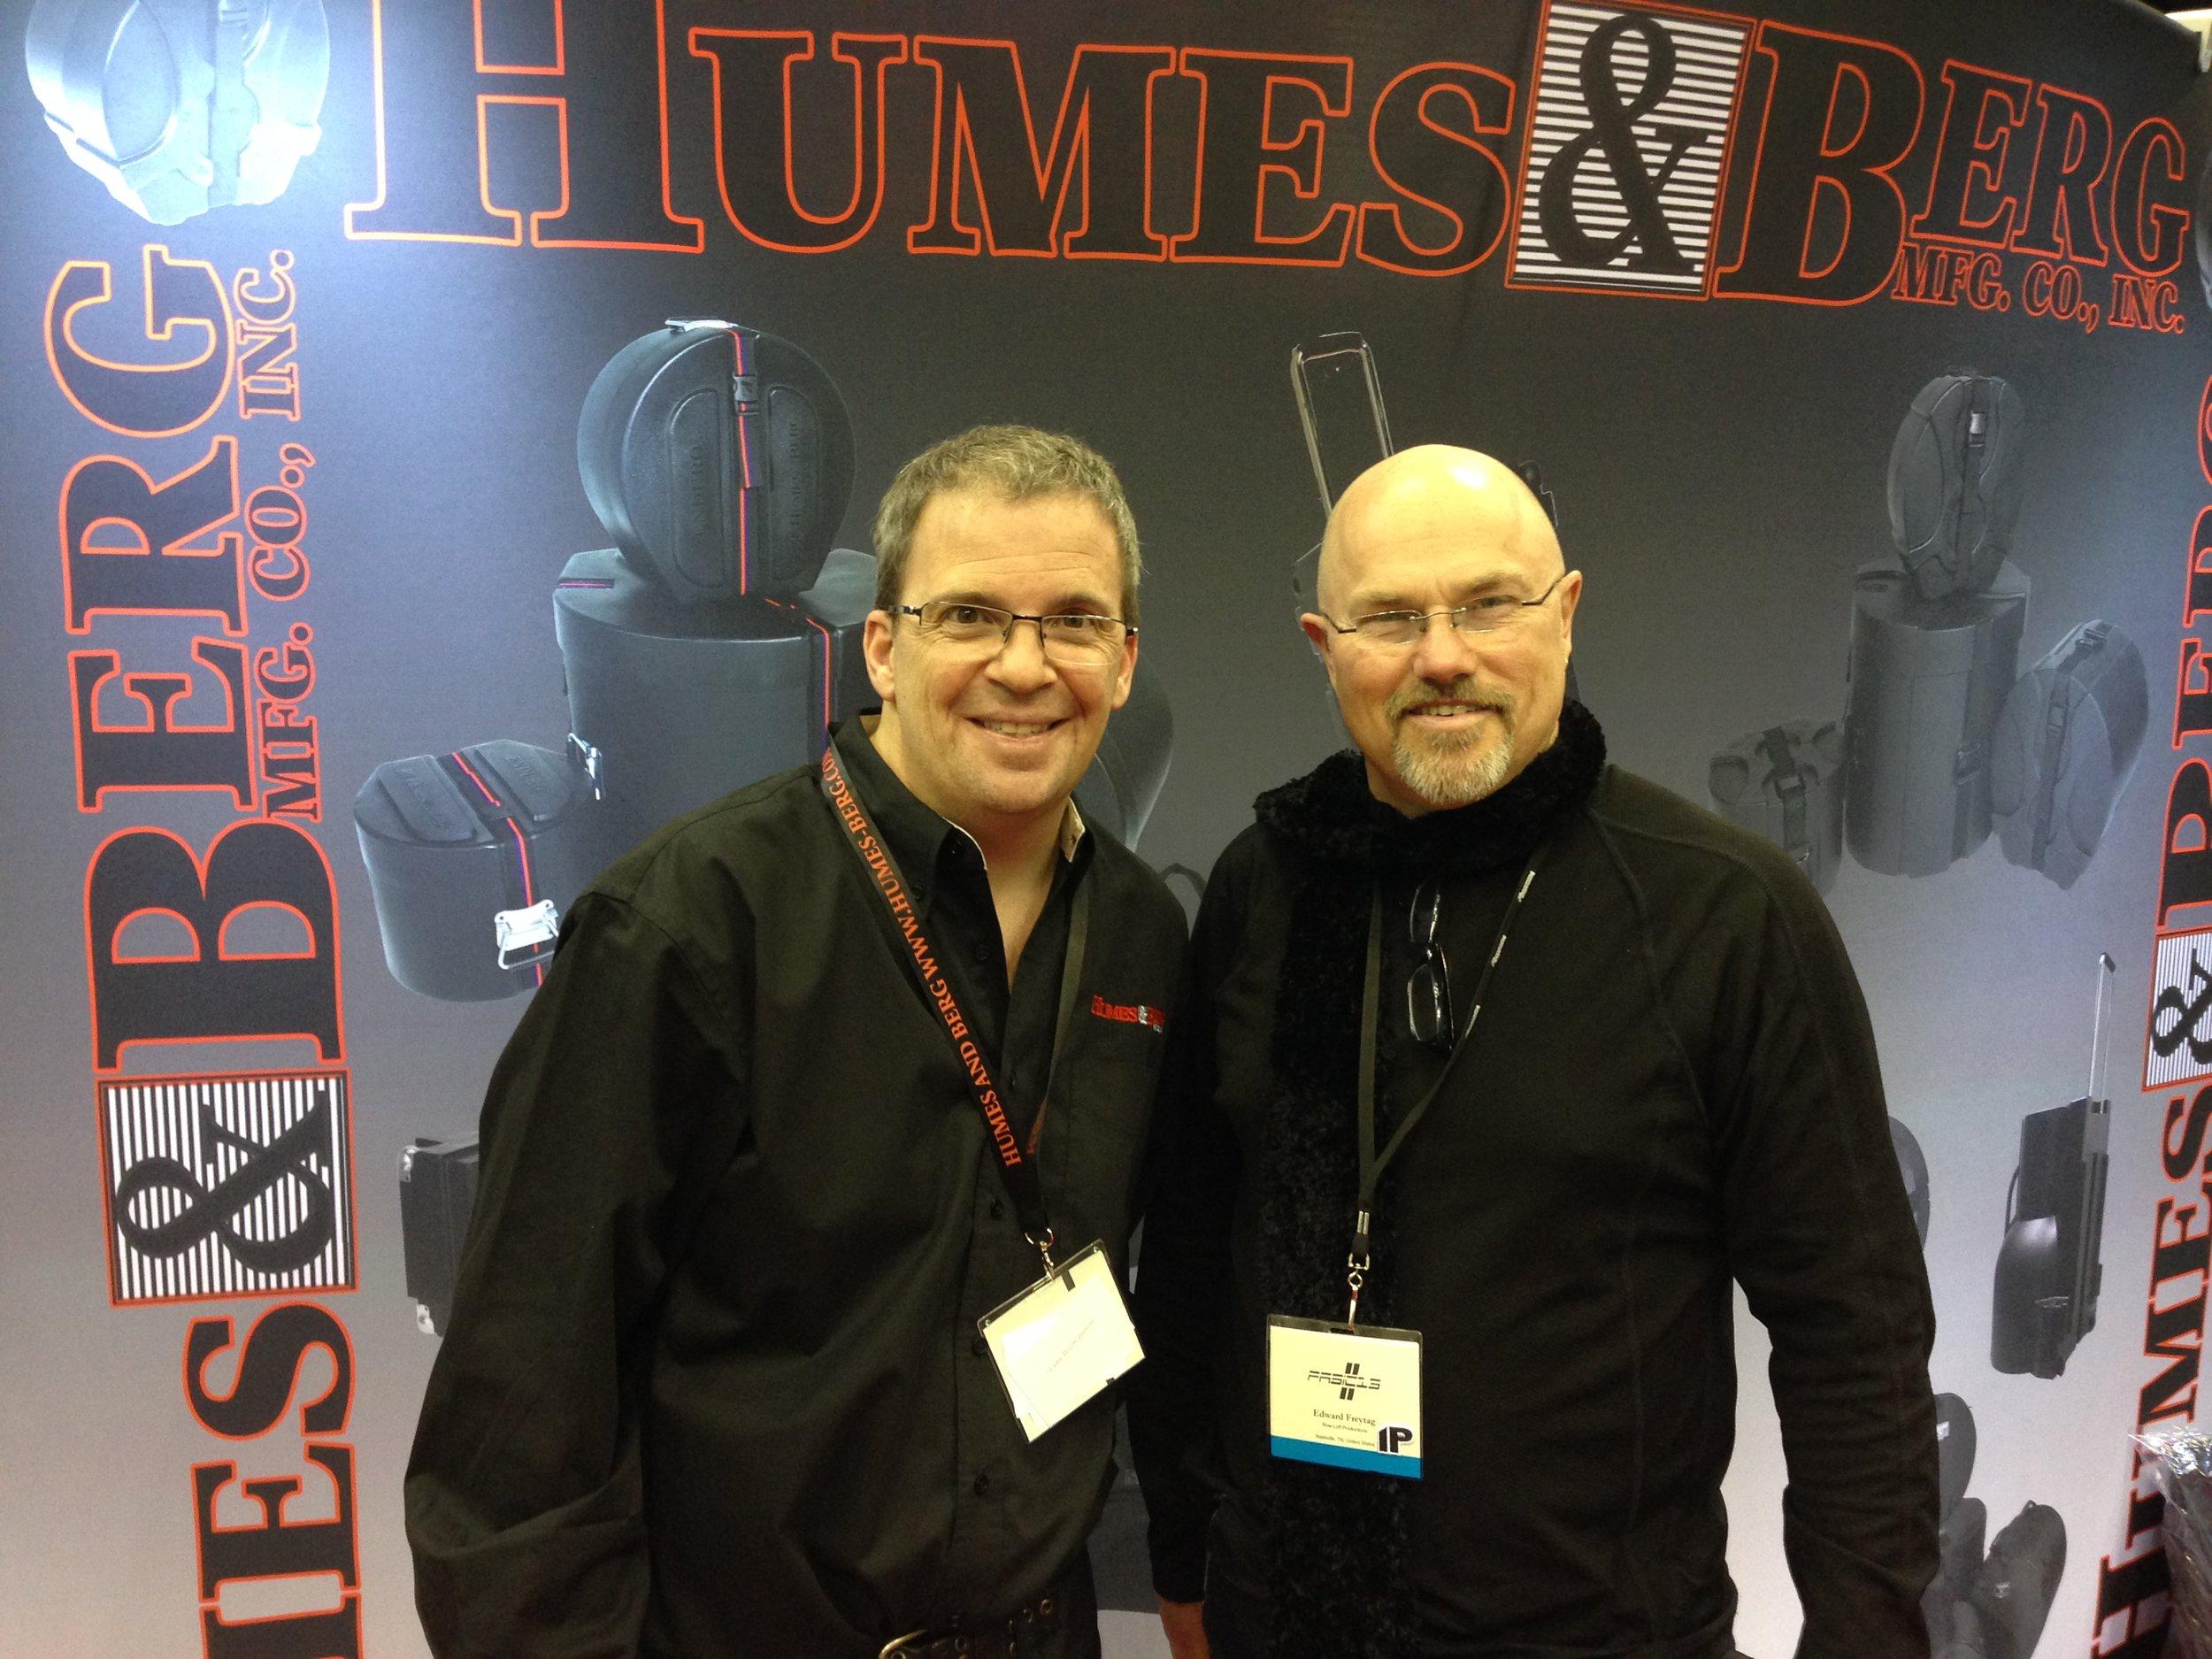 Edward and Michael Berg of Humes & Berg